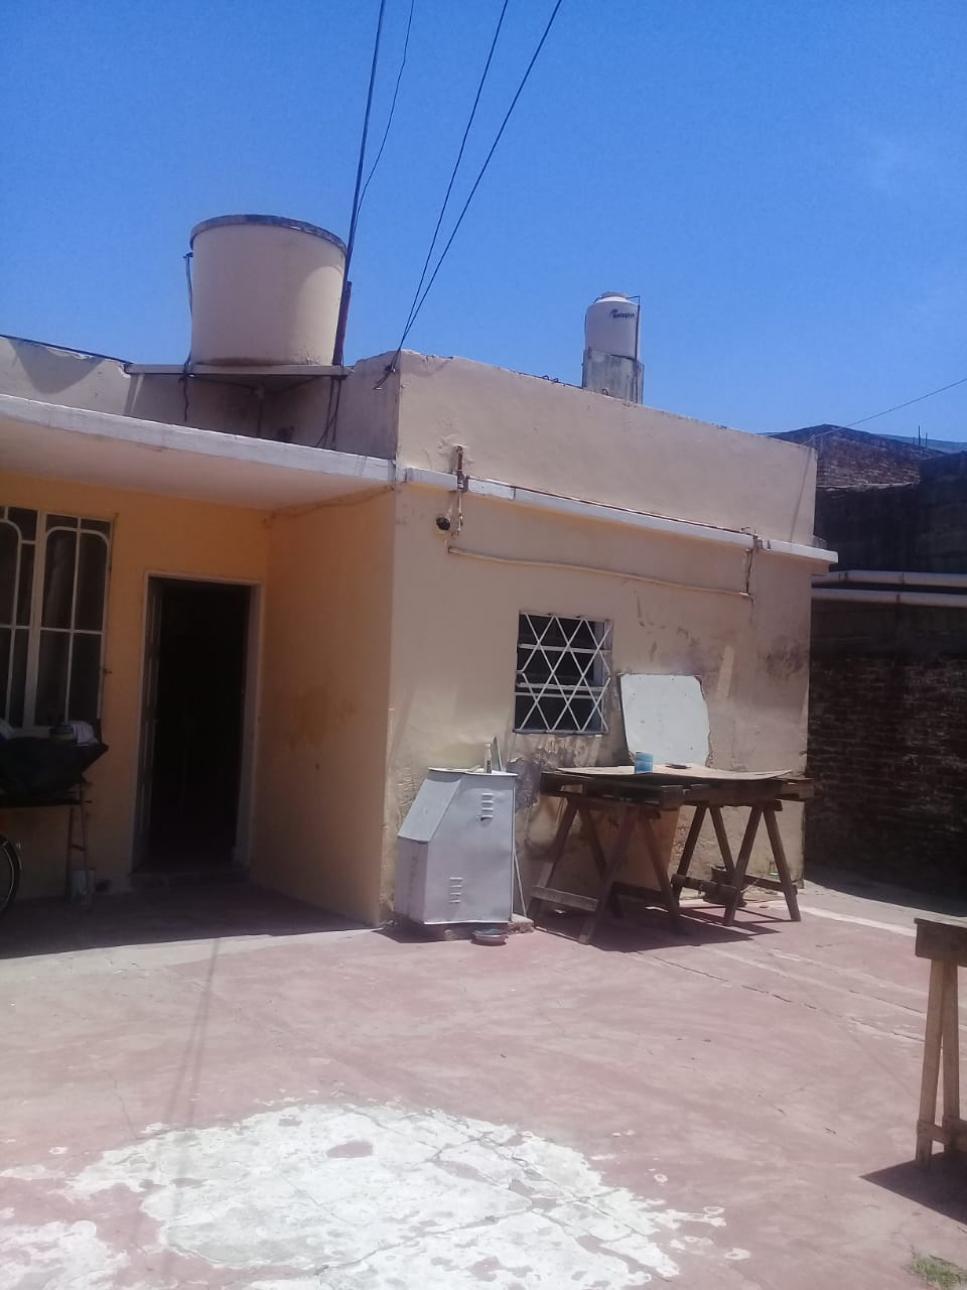 Venta de Ph 4 ambientes en General San Martín Villa Bonich